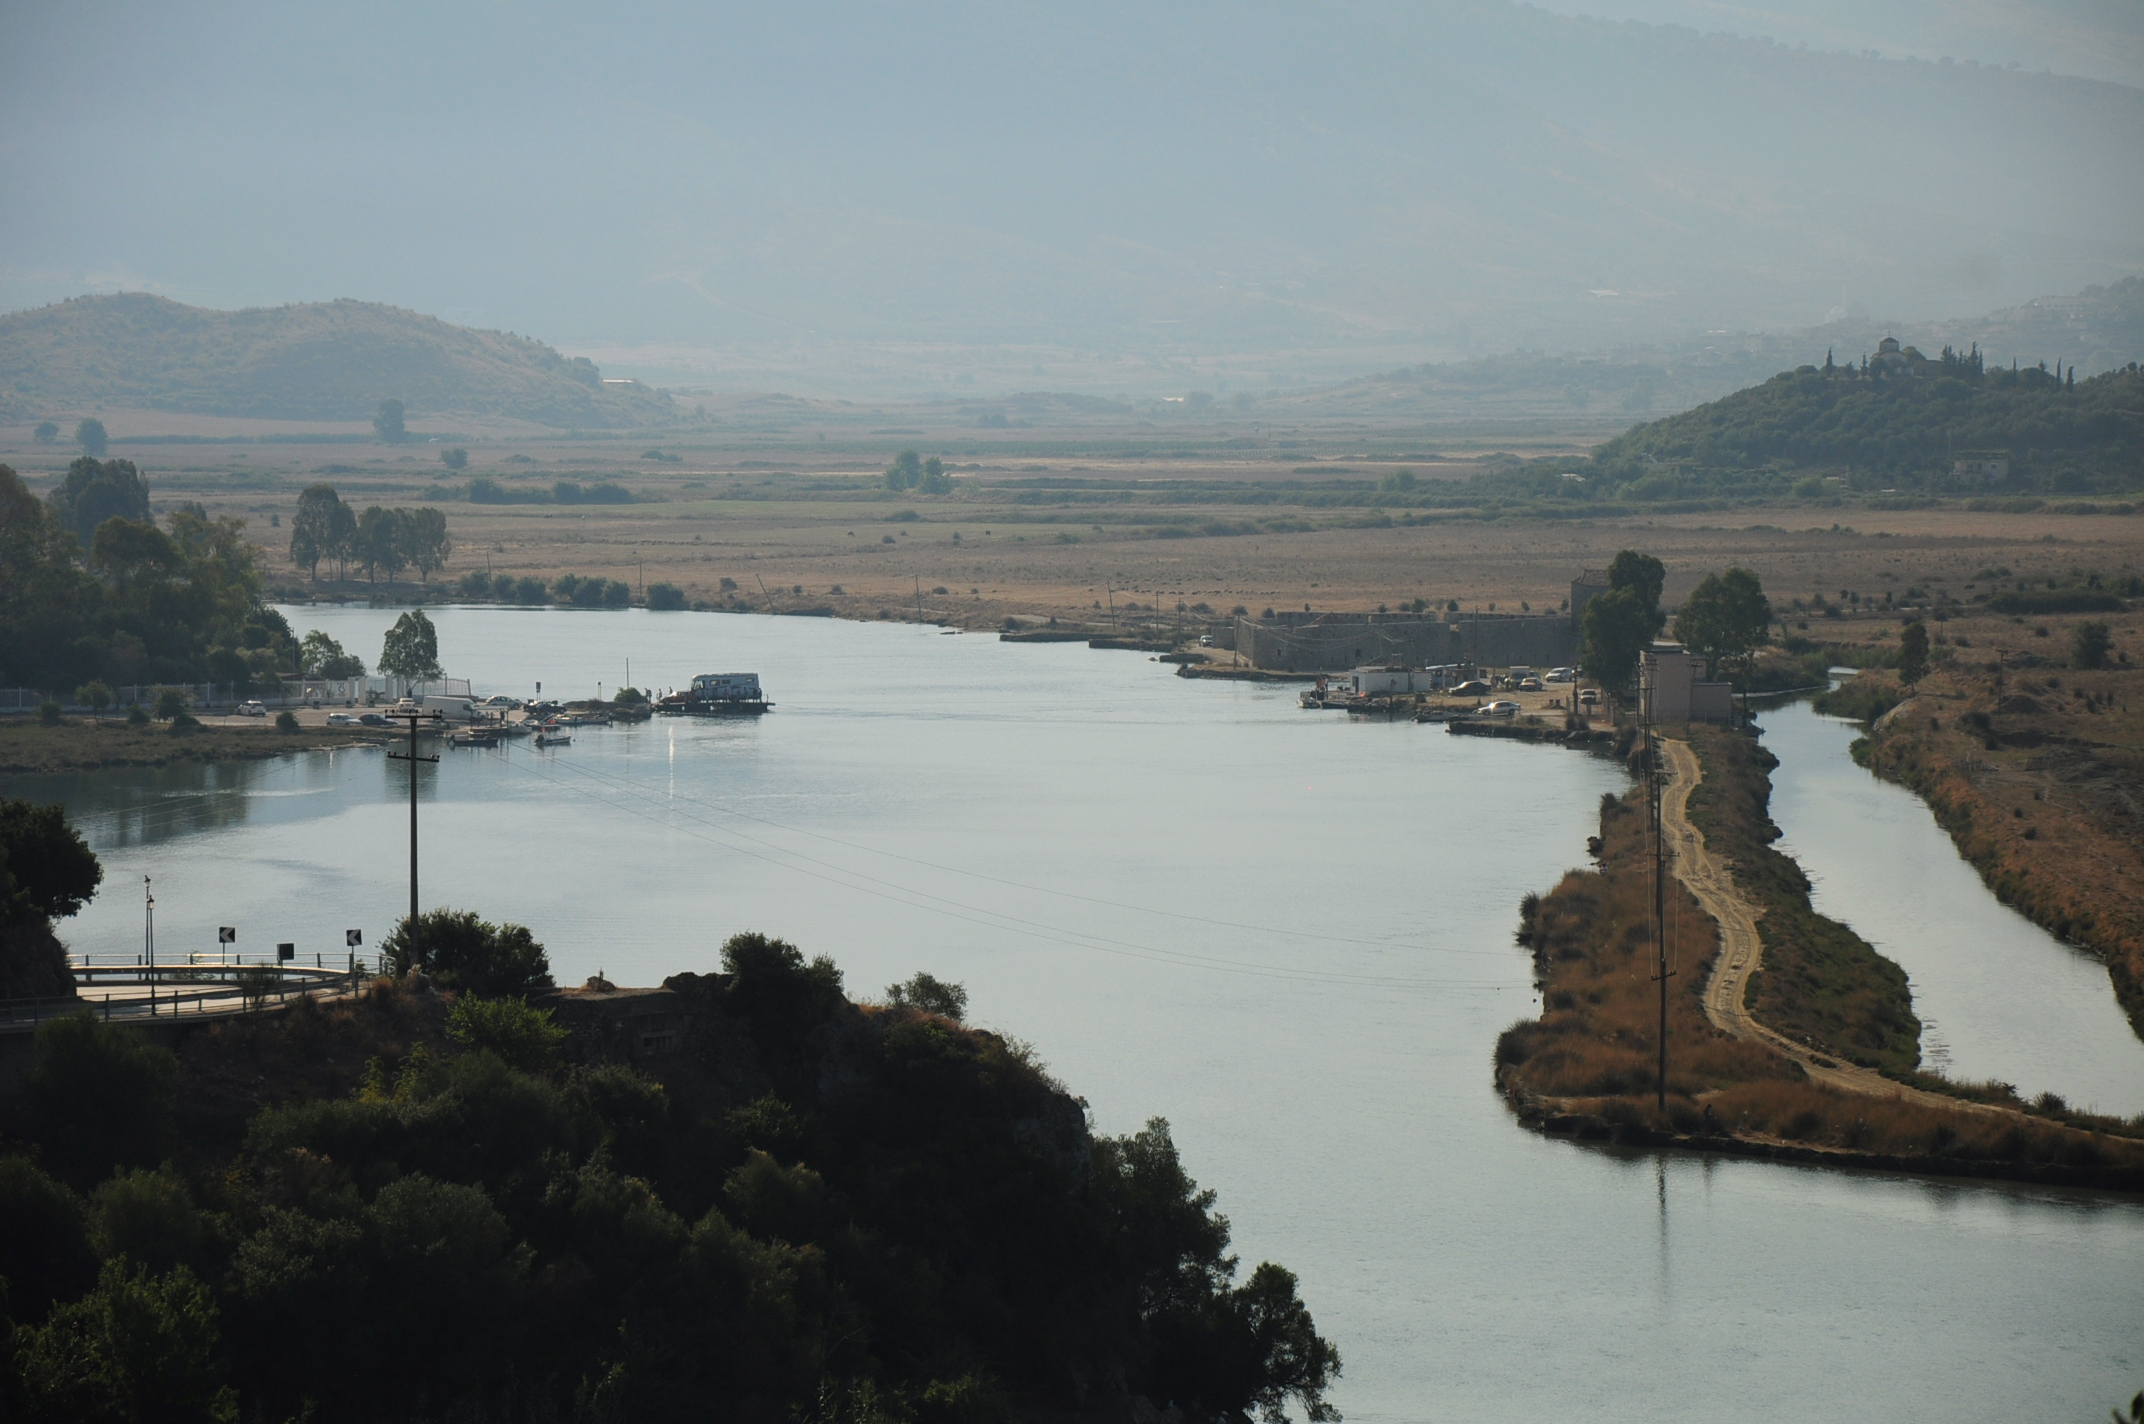 A csatorna és tőle balra az ókori város dombja